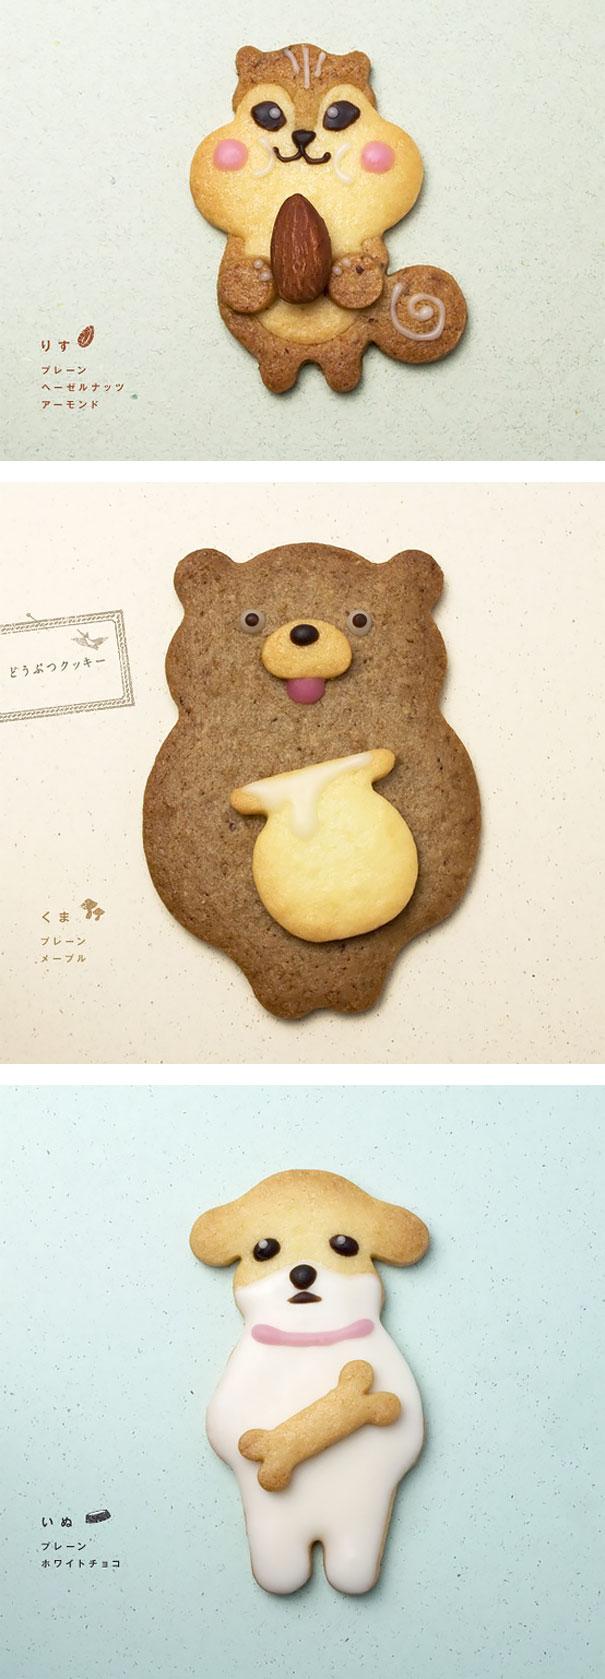 021cute-japanese-sweets-47__605.jpg